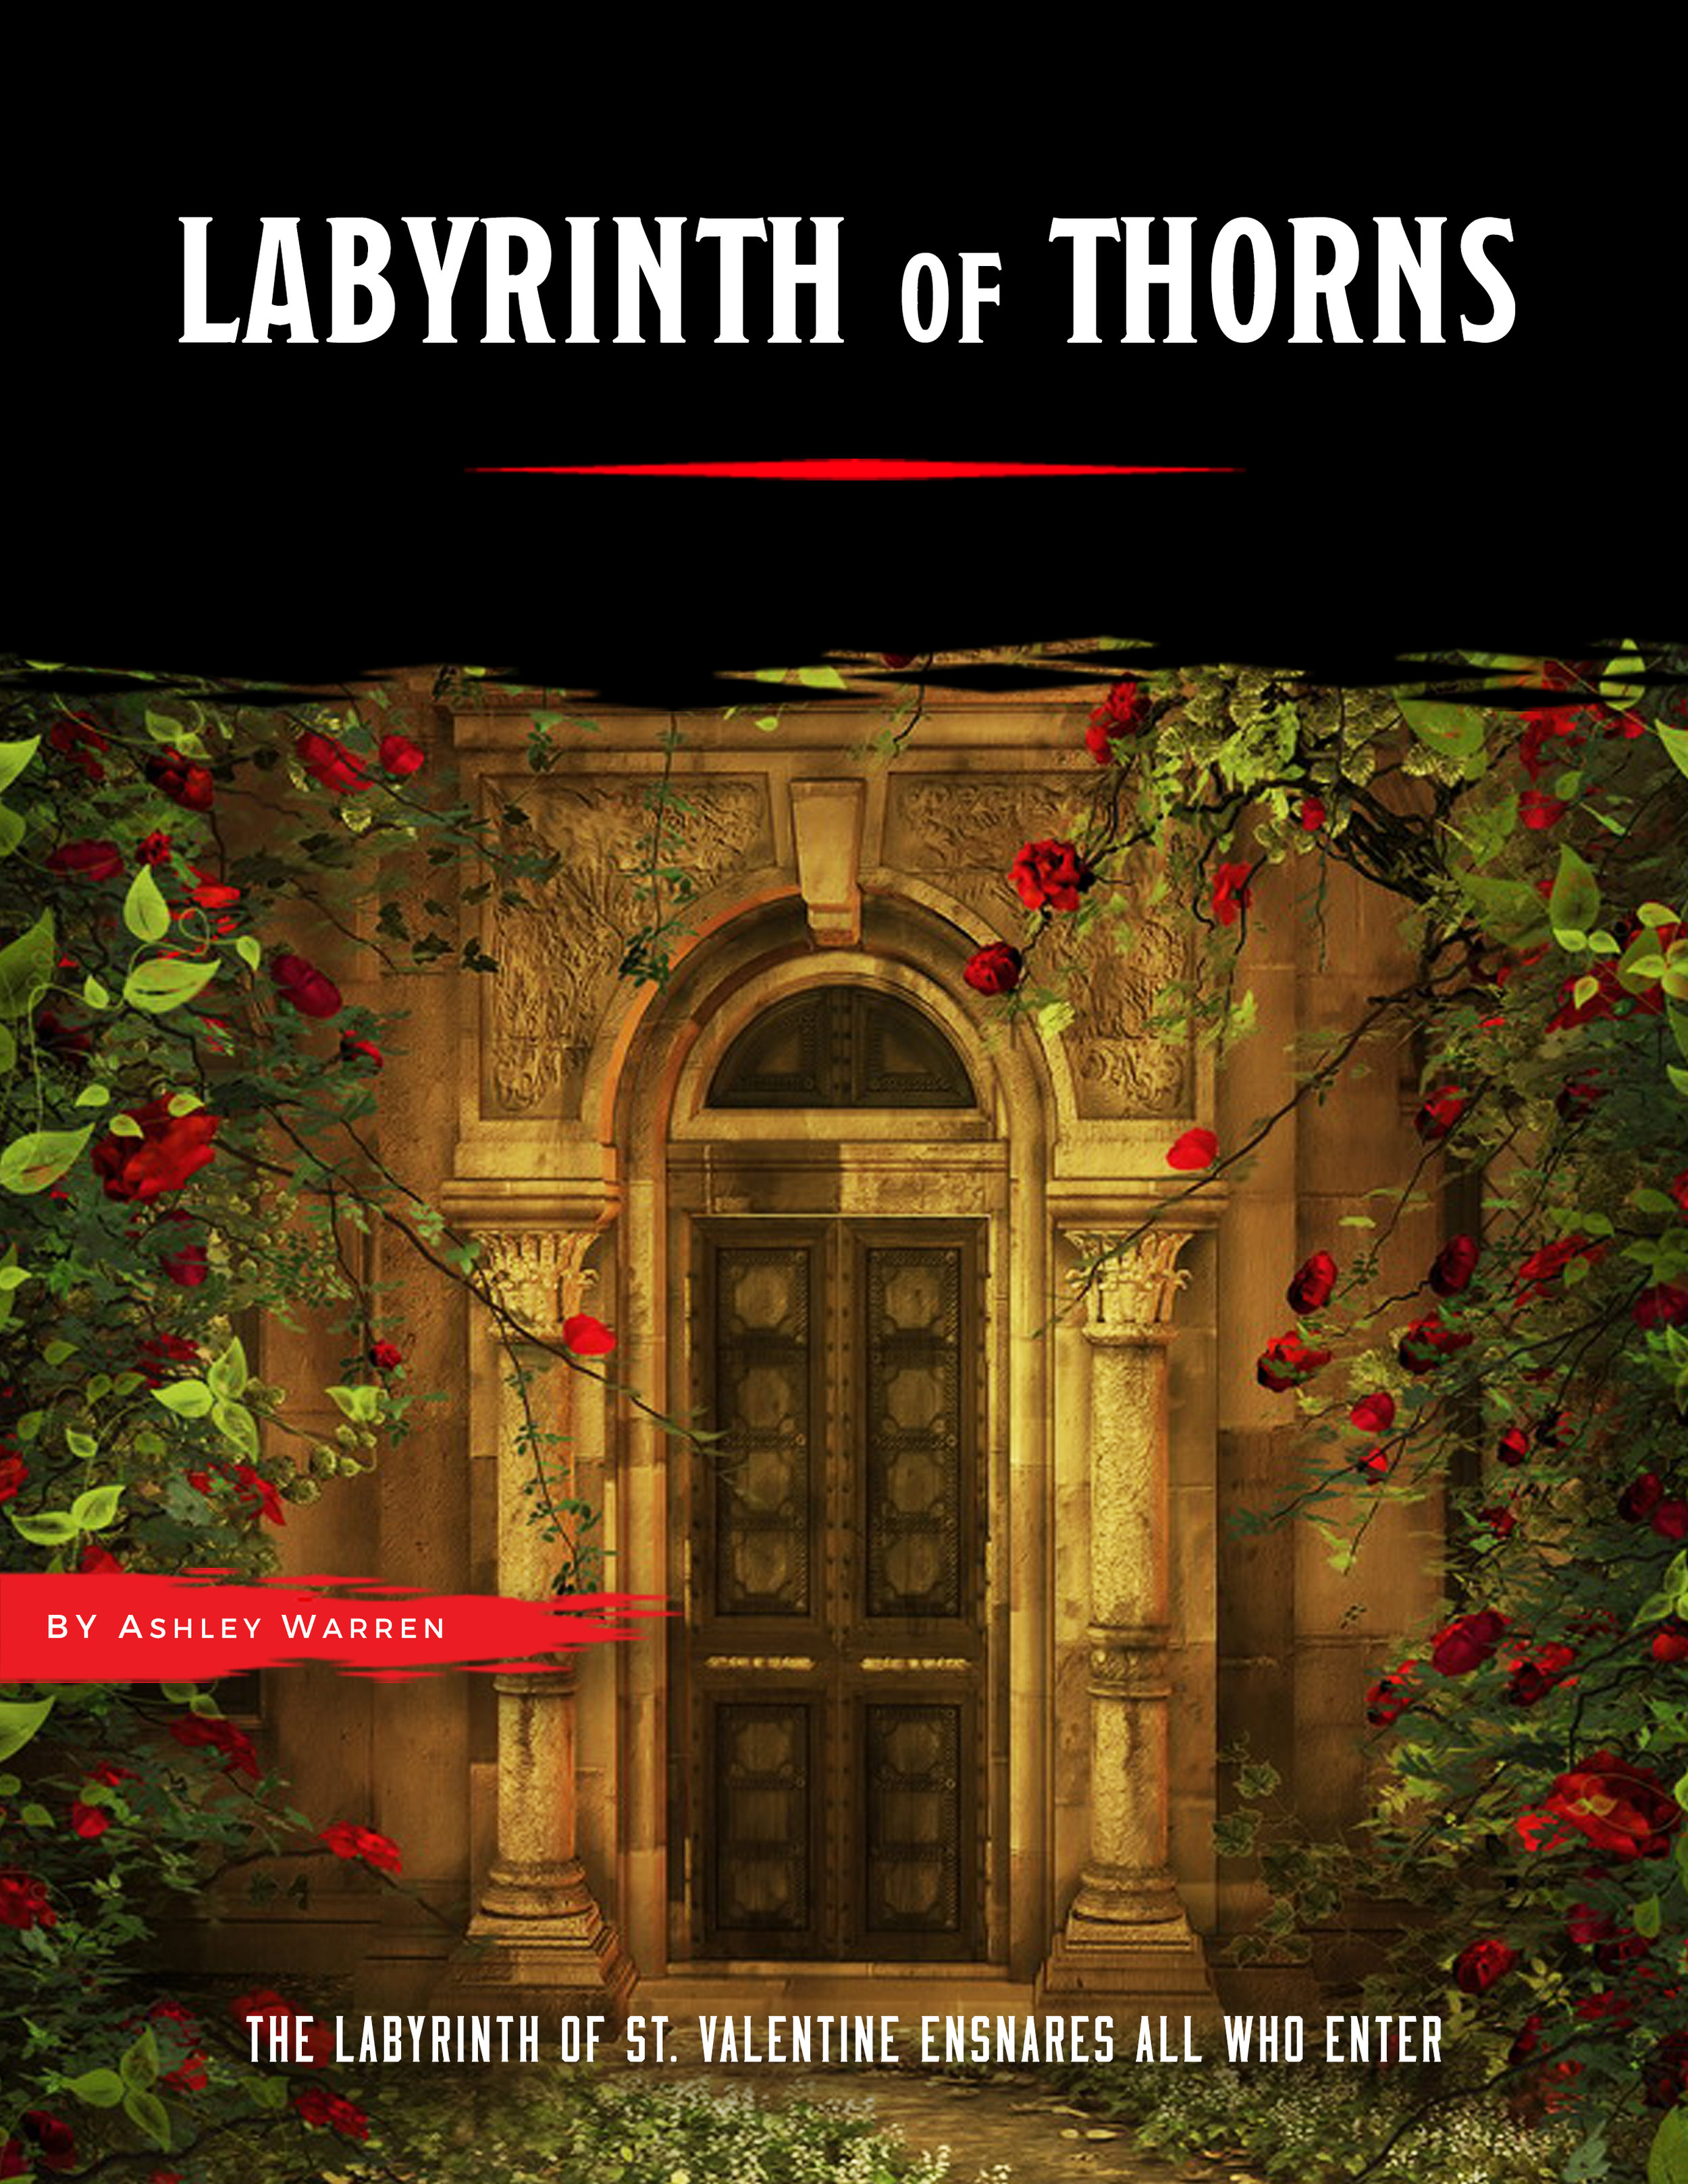 LabyrinthOfThorns.jpg